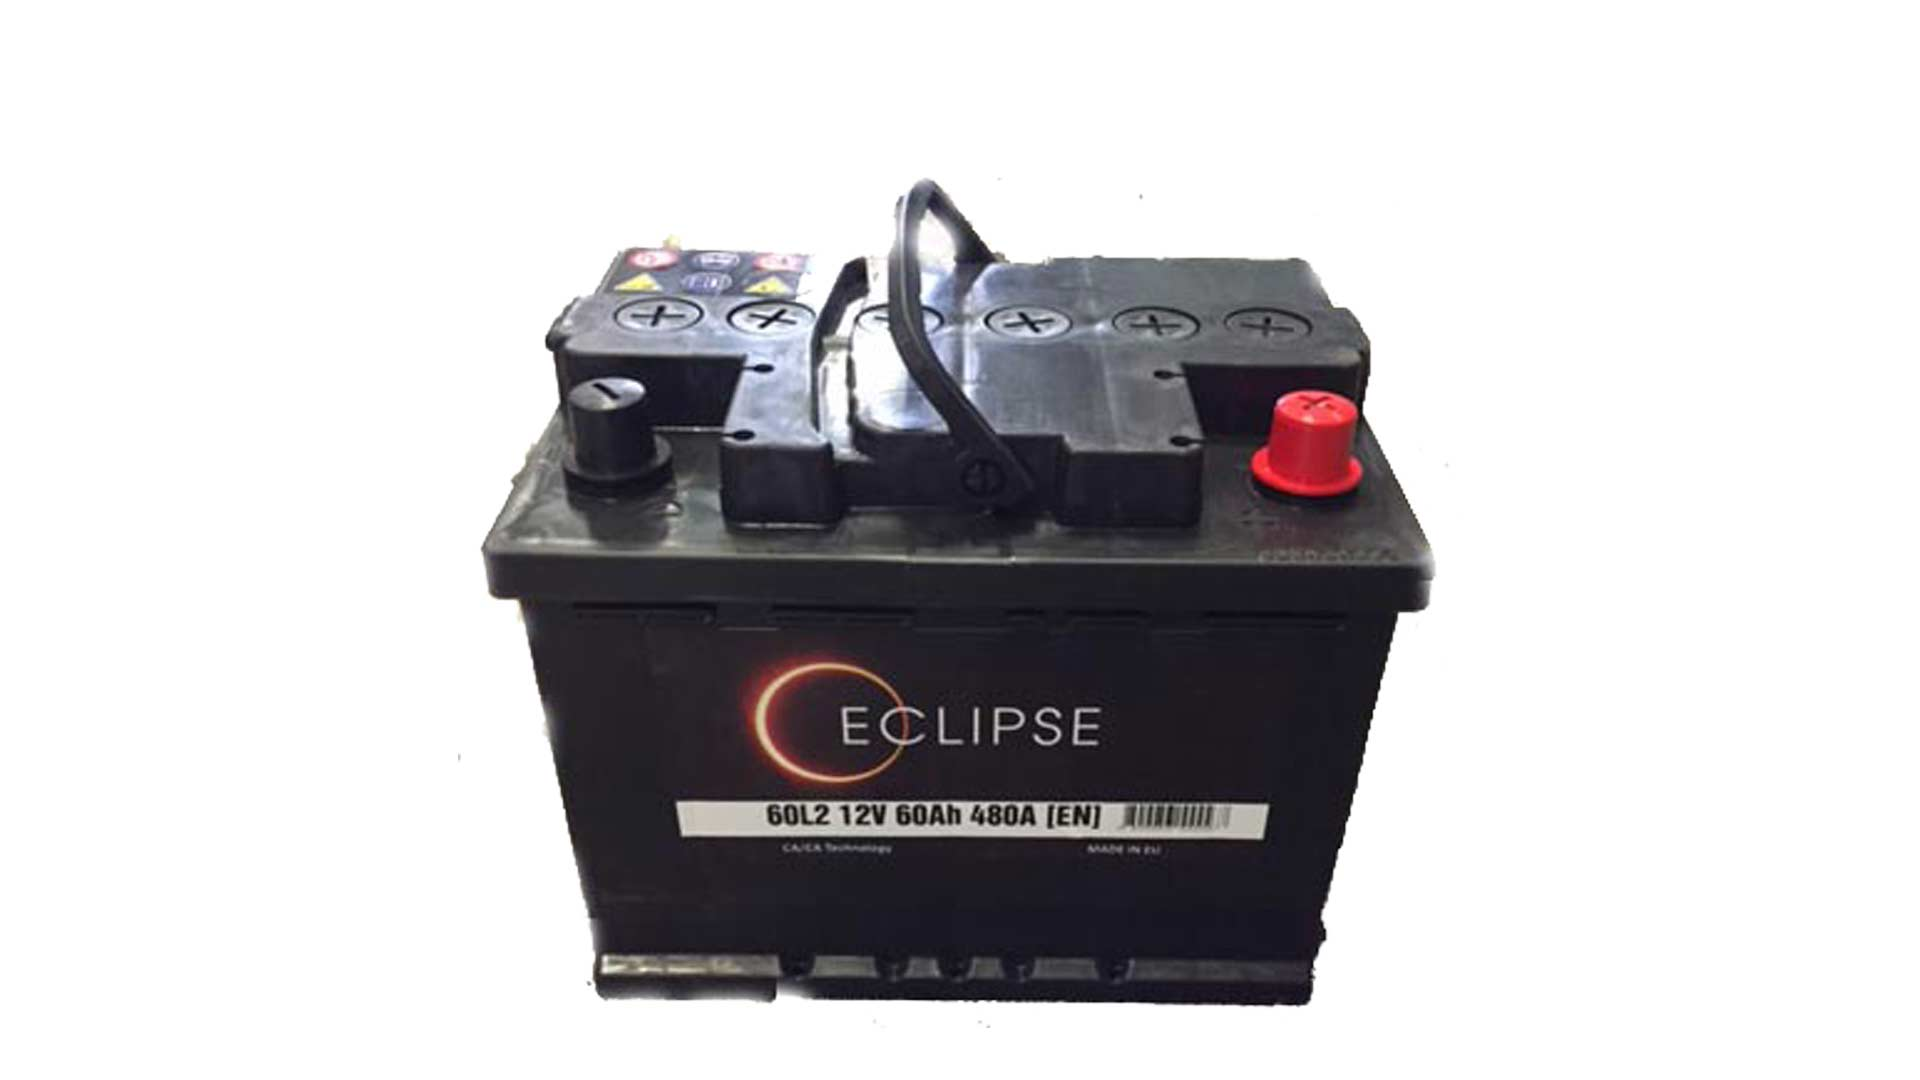 immagine in evidenza della pagina Batteria eclipse 60 L2